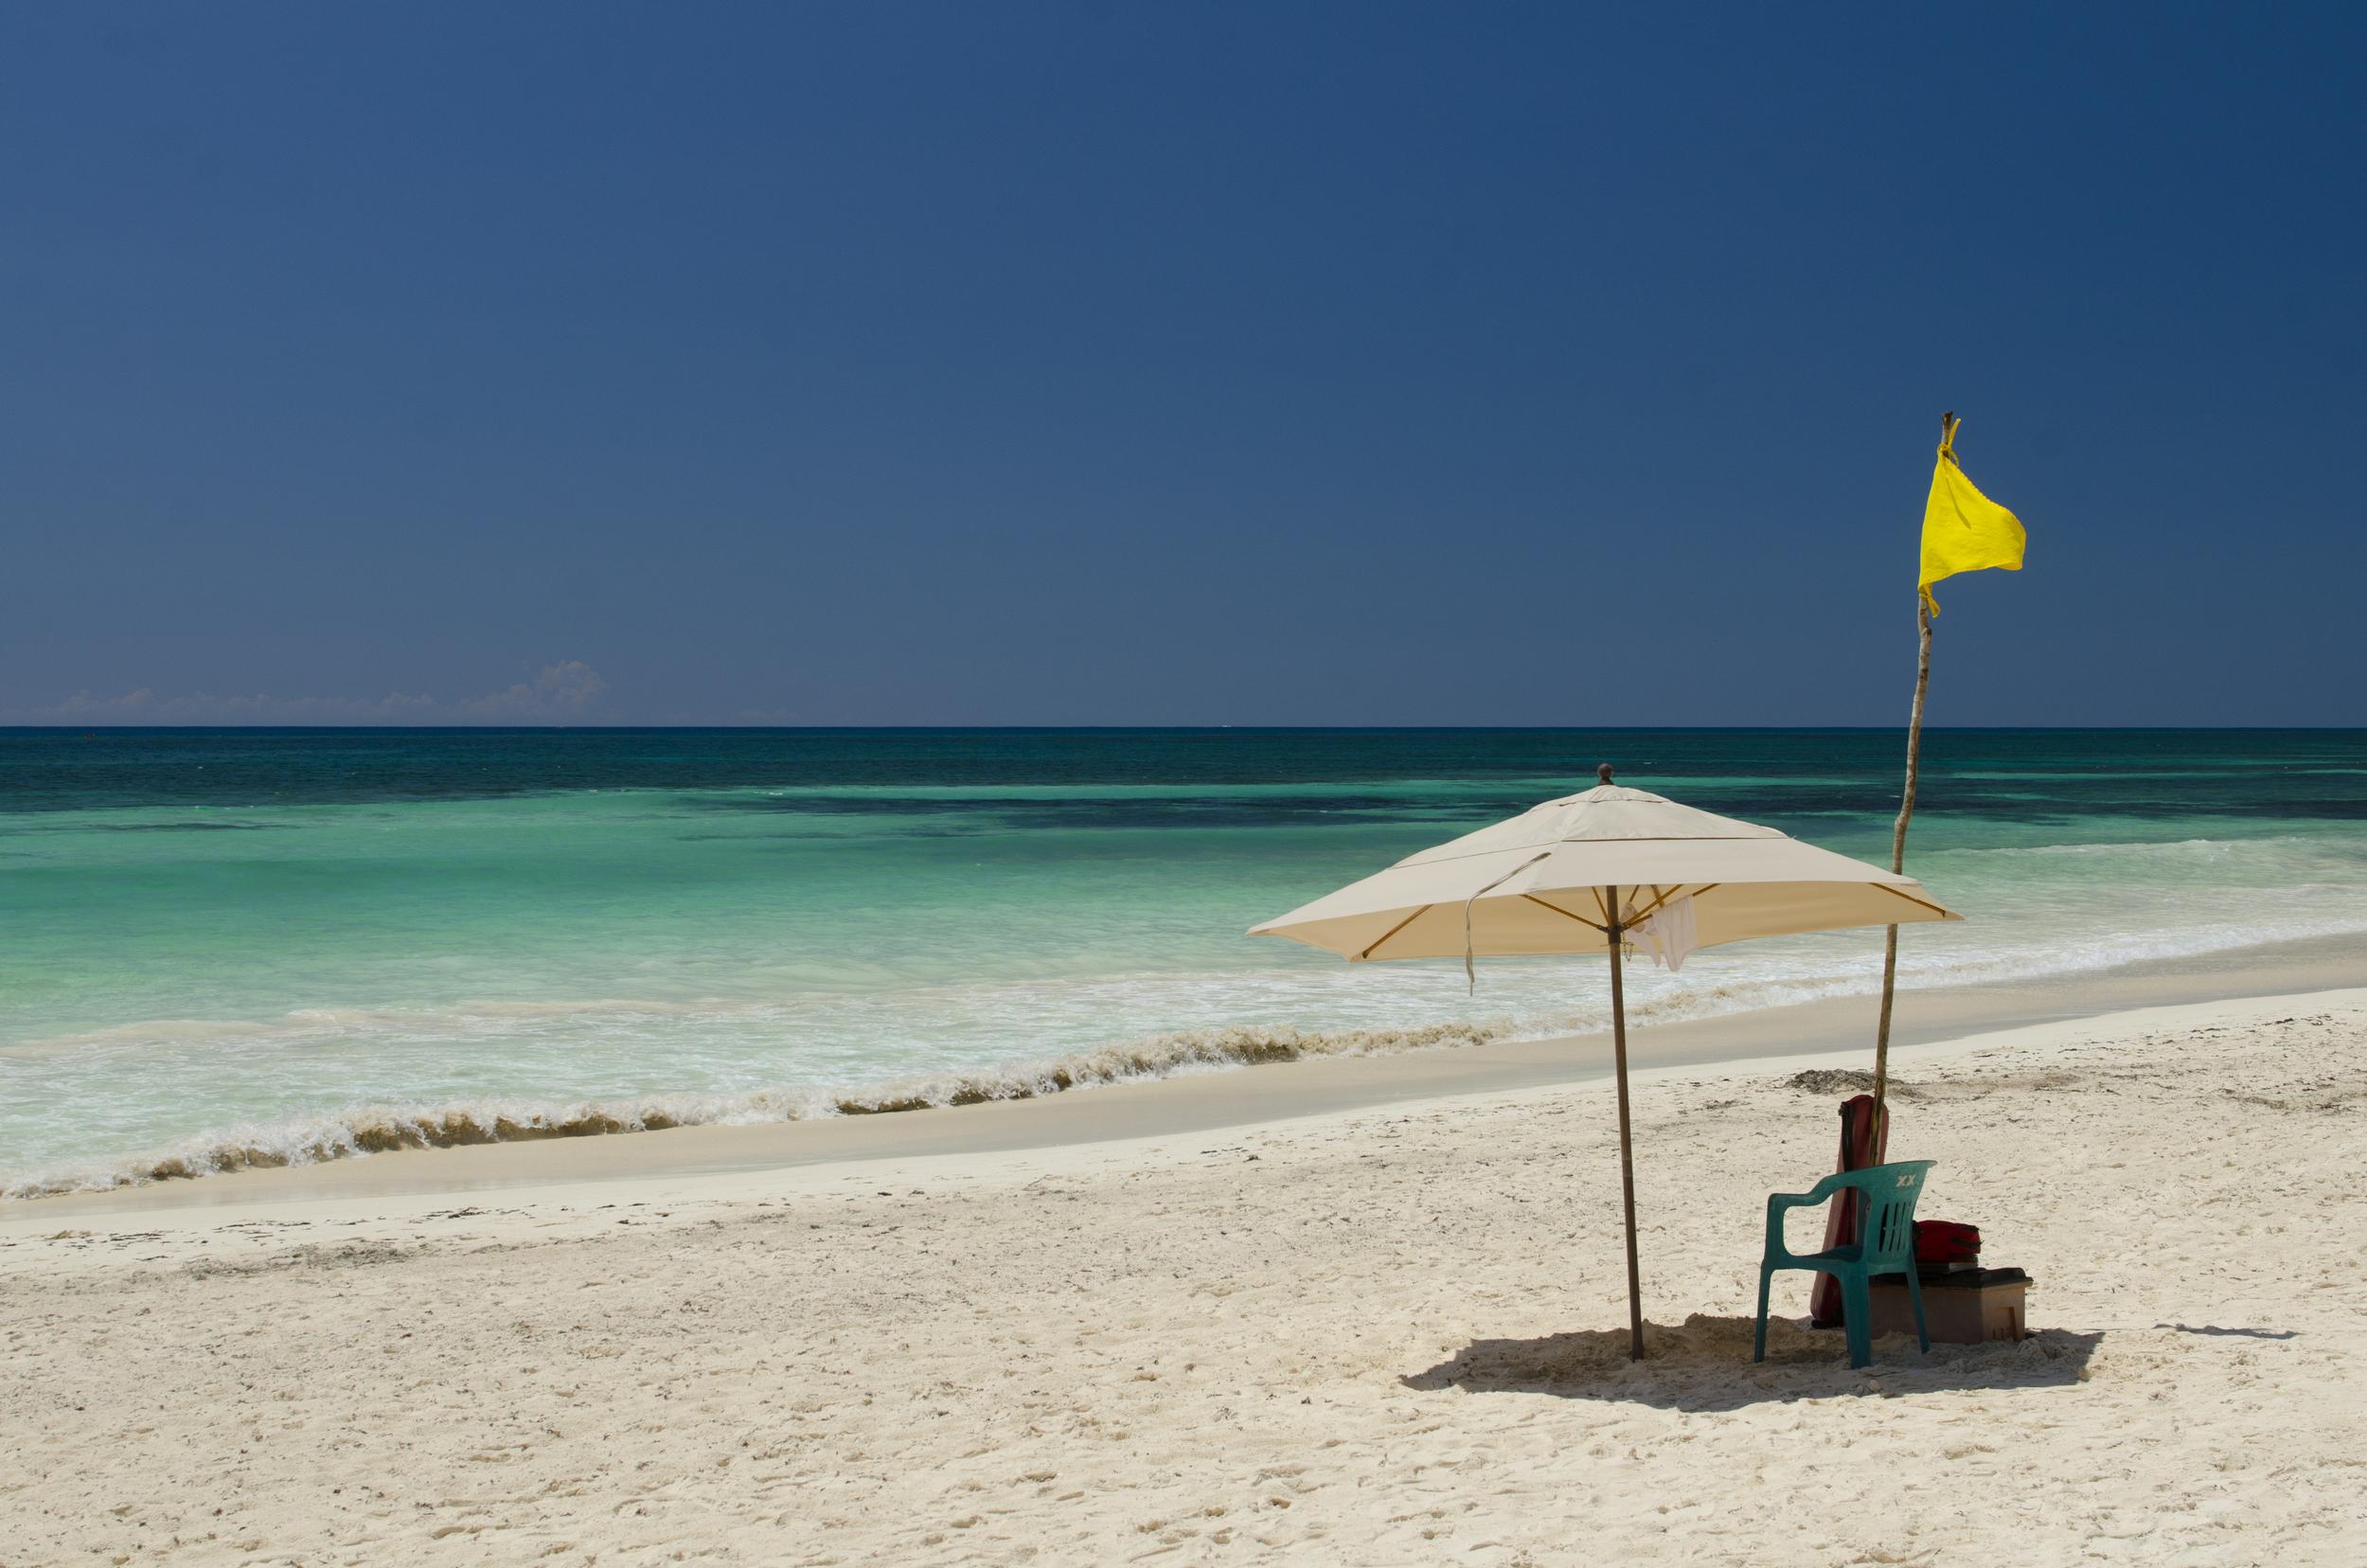 That pristine beach...